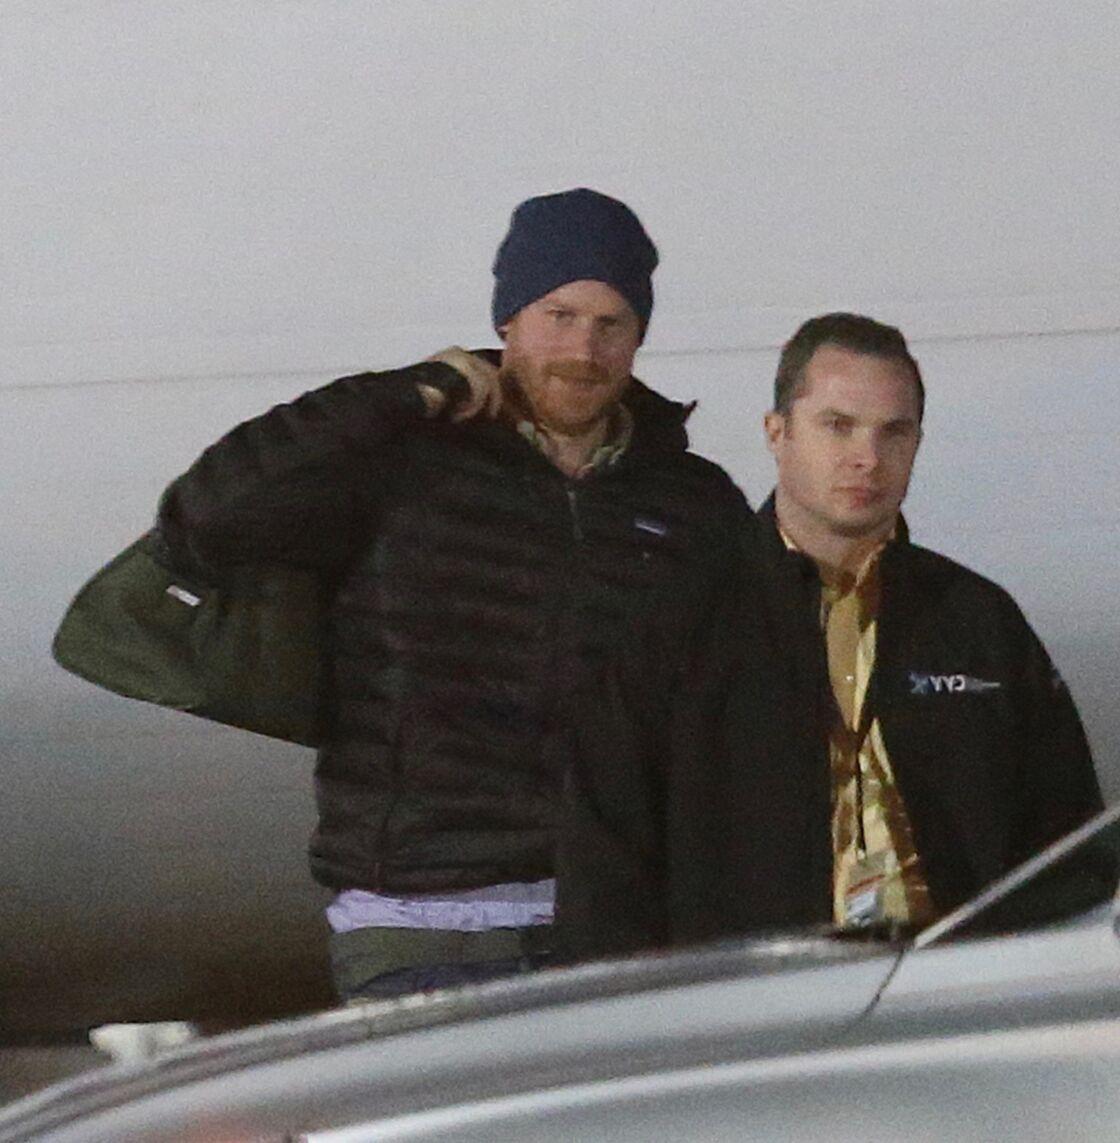 Le prince Harry atterrit à l'aéroport de Victoria, au Canada, le 20 janvier 2020.